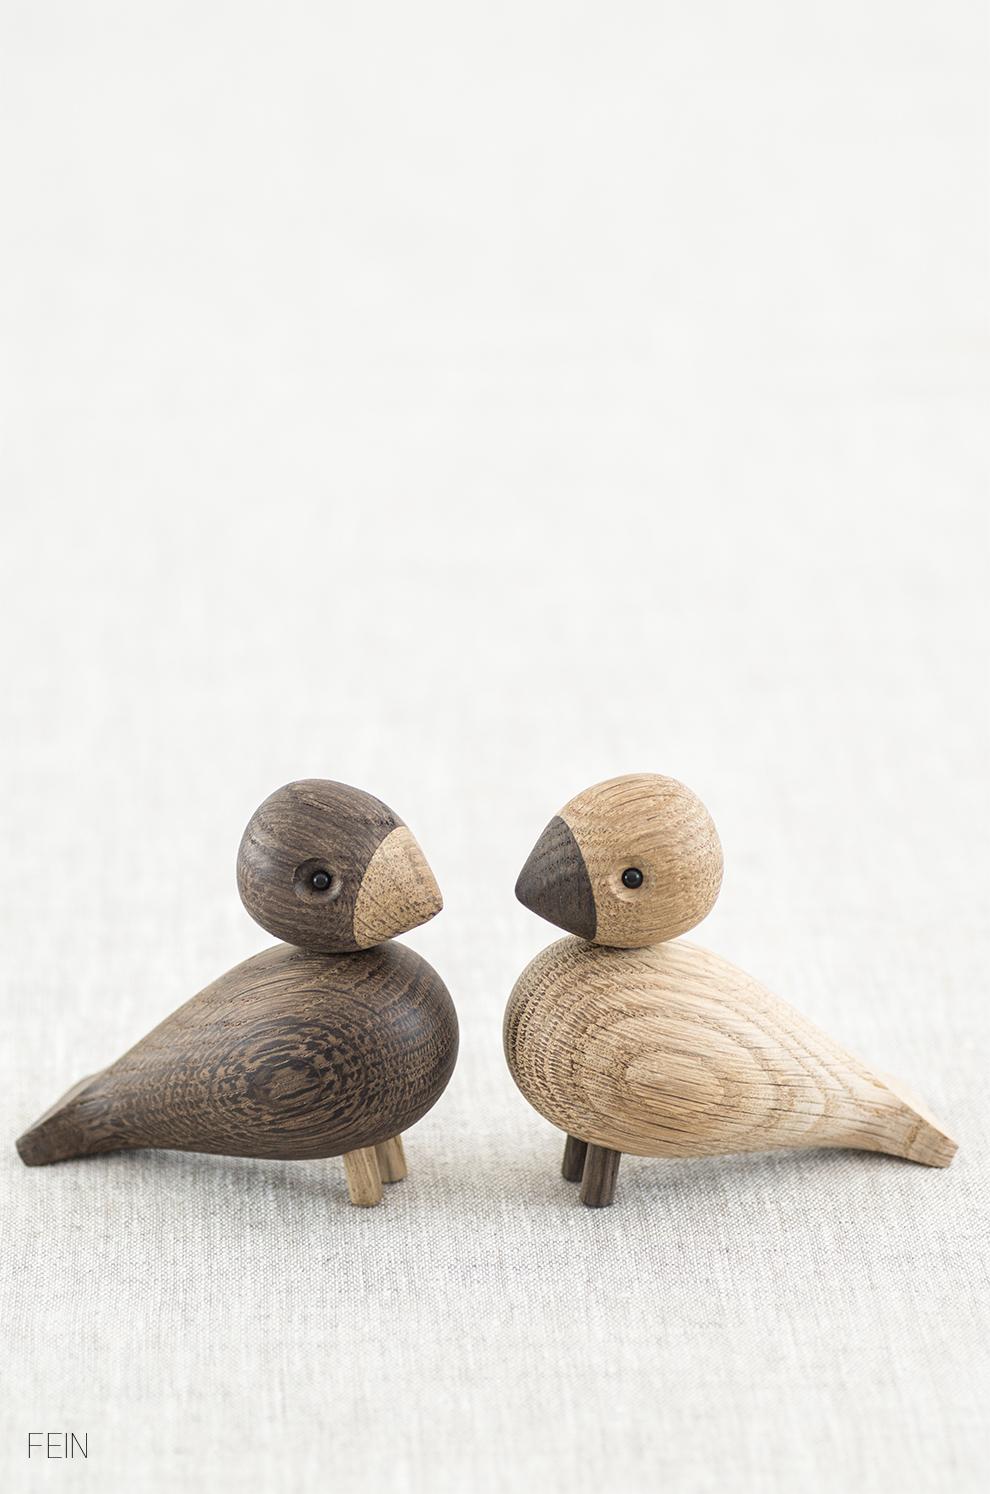 Herbst Vögel Kay Bojesen Lovebirds